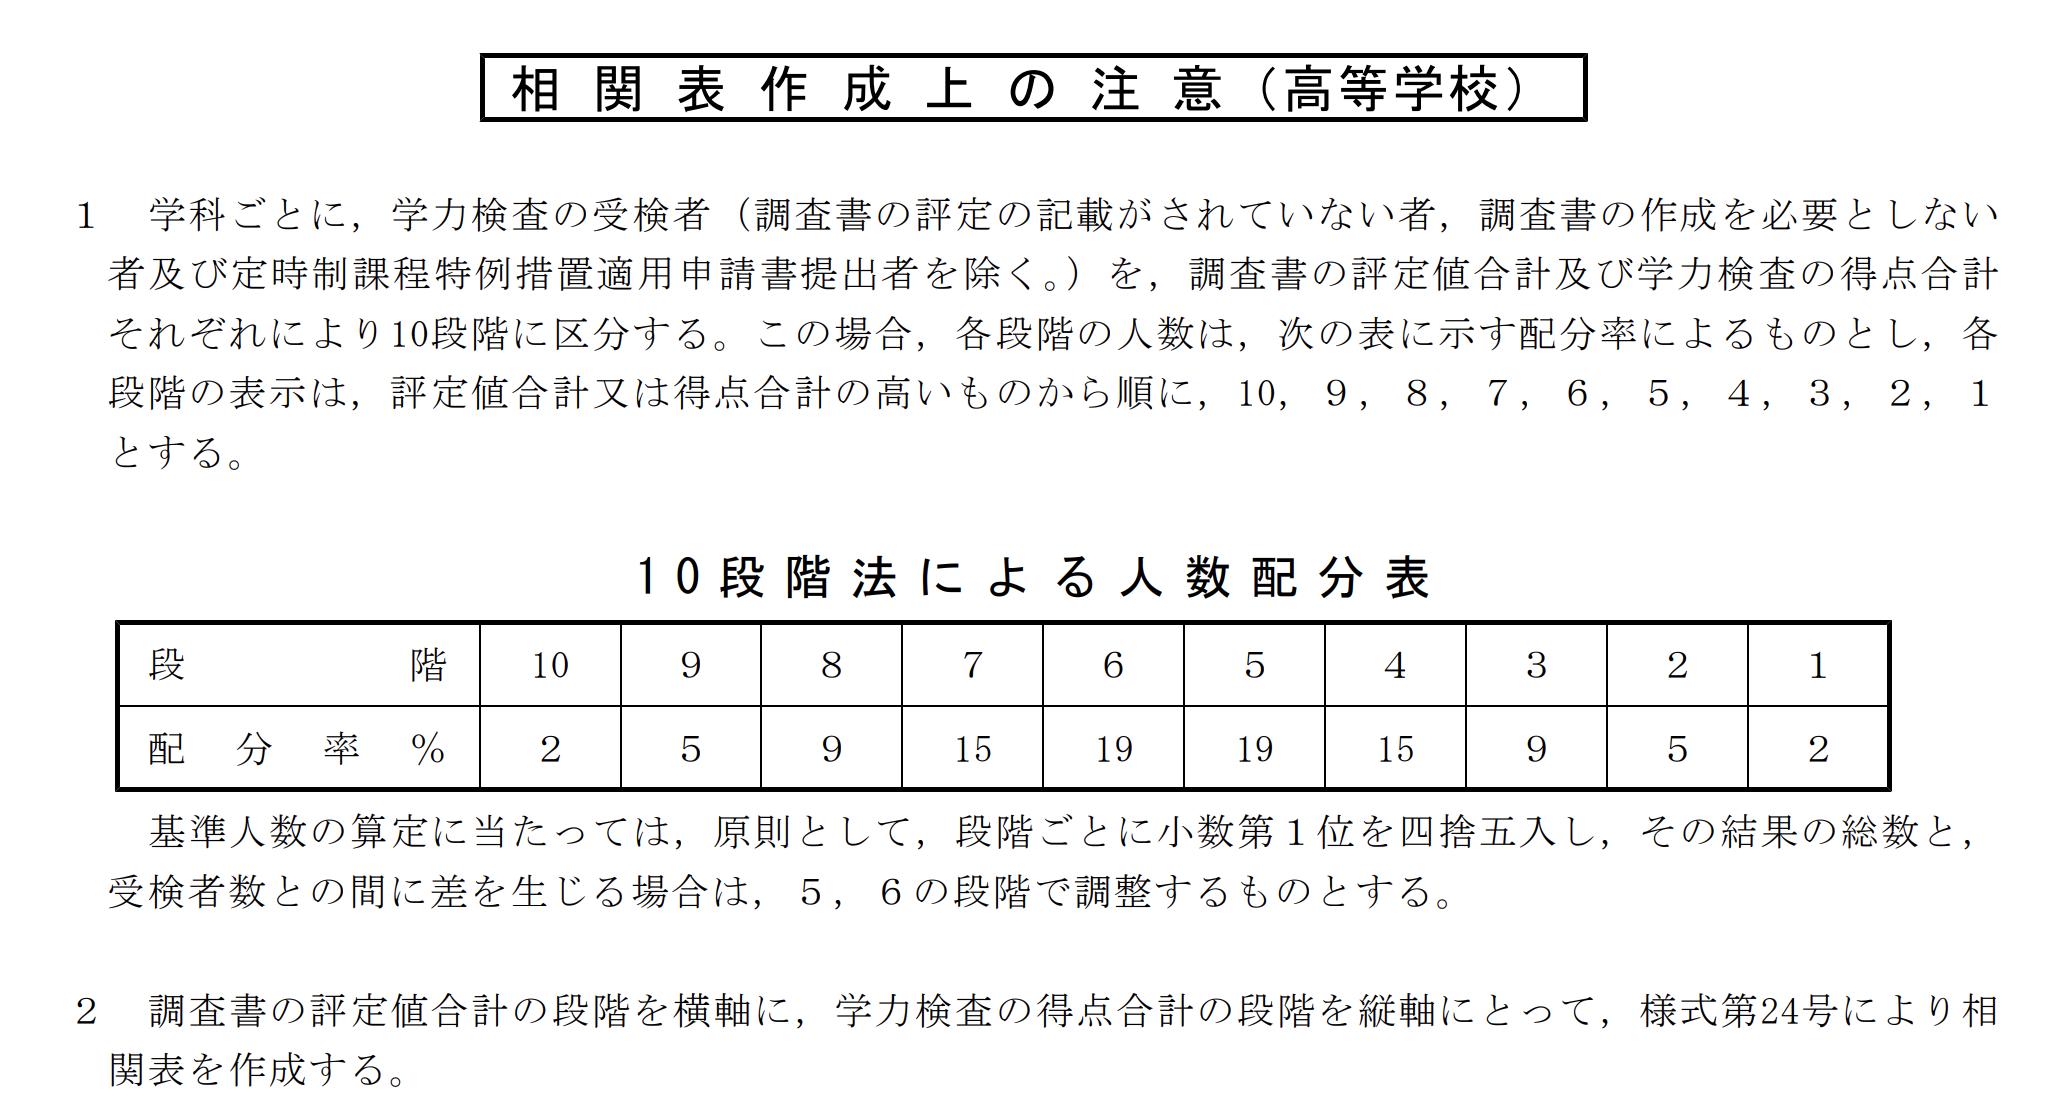 徳島県公立高校入試制度2